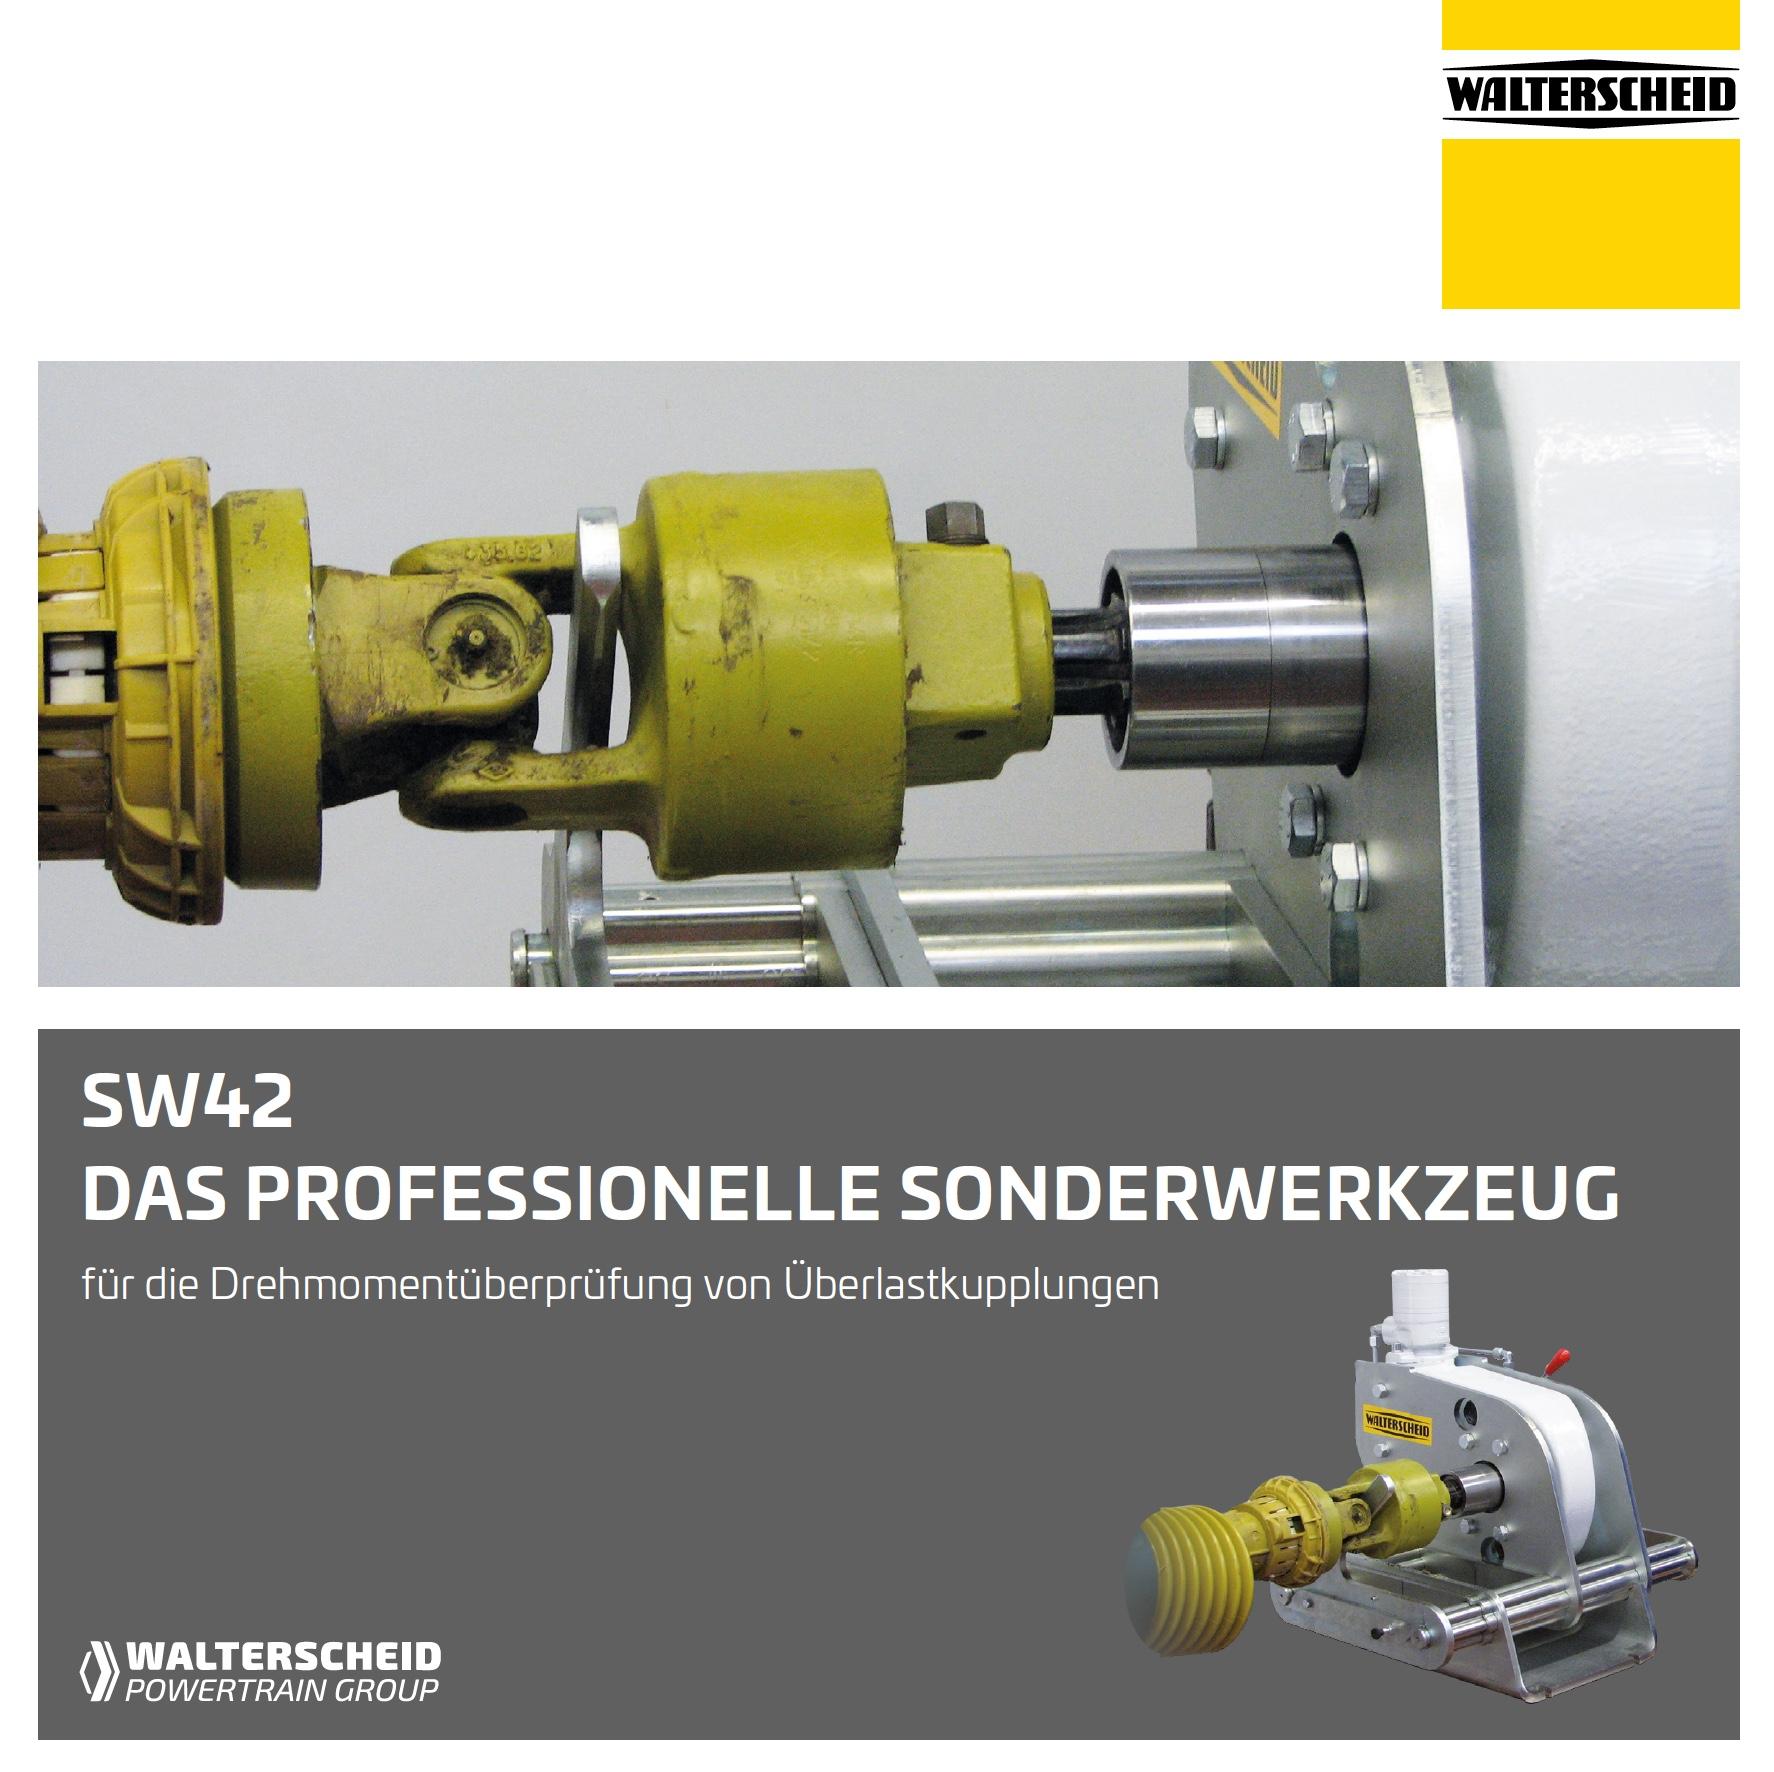 Walterscheid Sonderwerkzeug SW42